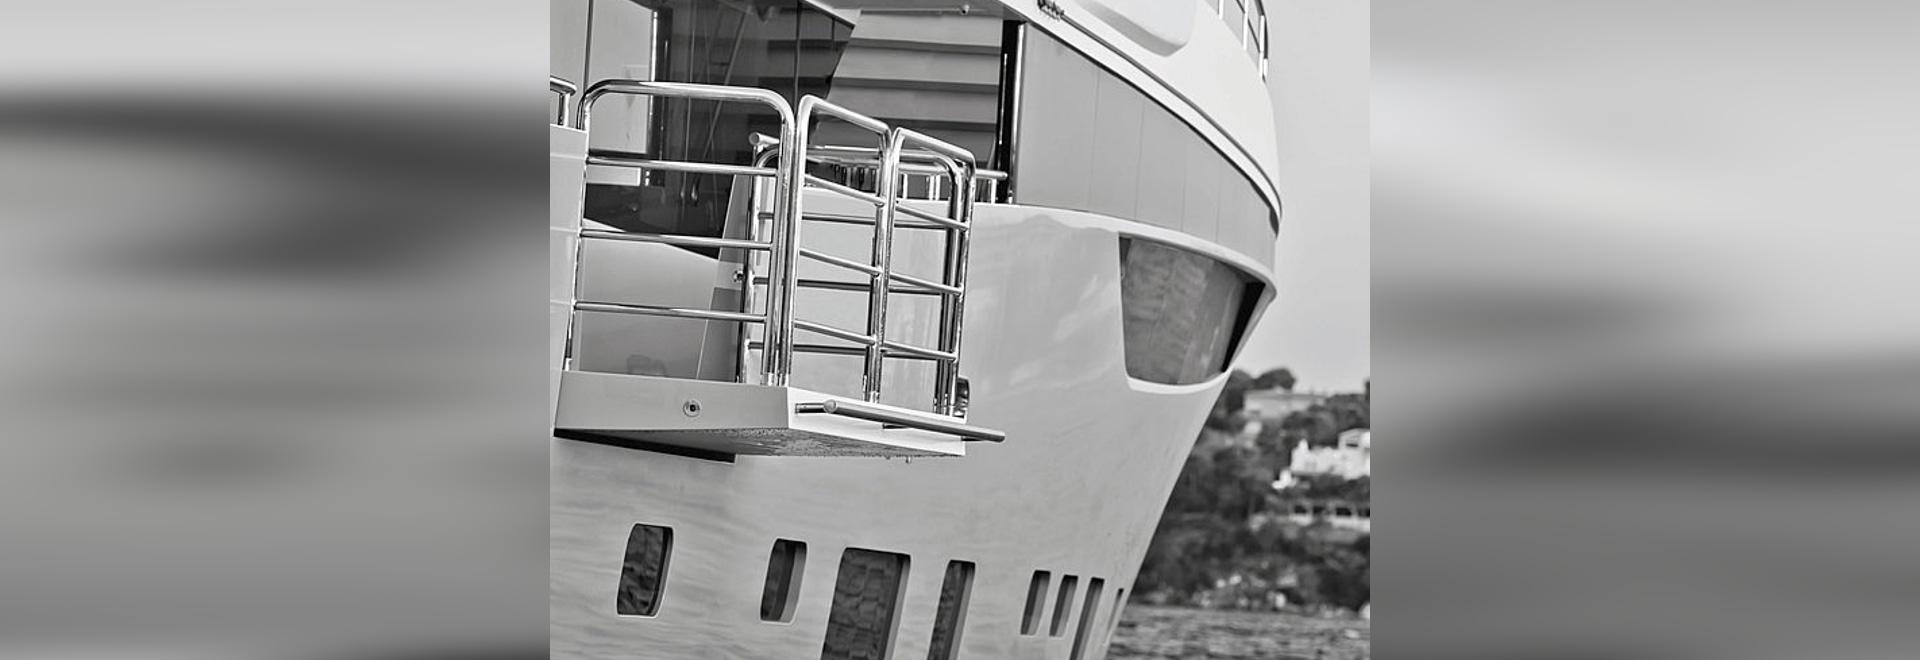 Balcone con movimentazione automatica - Modello 4301